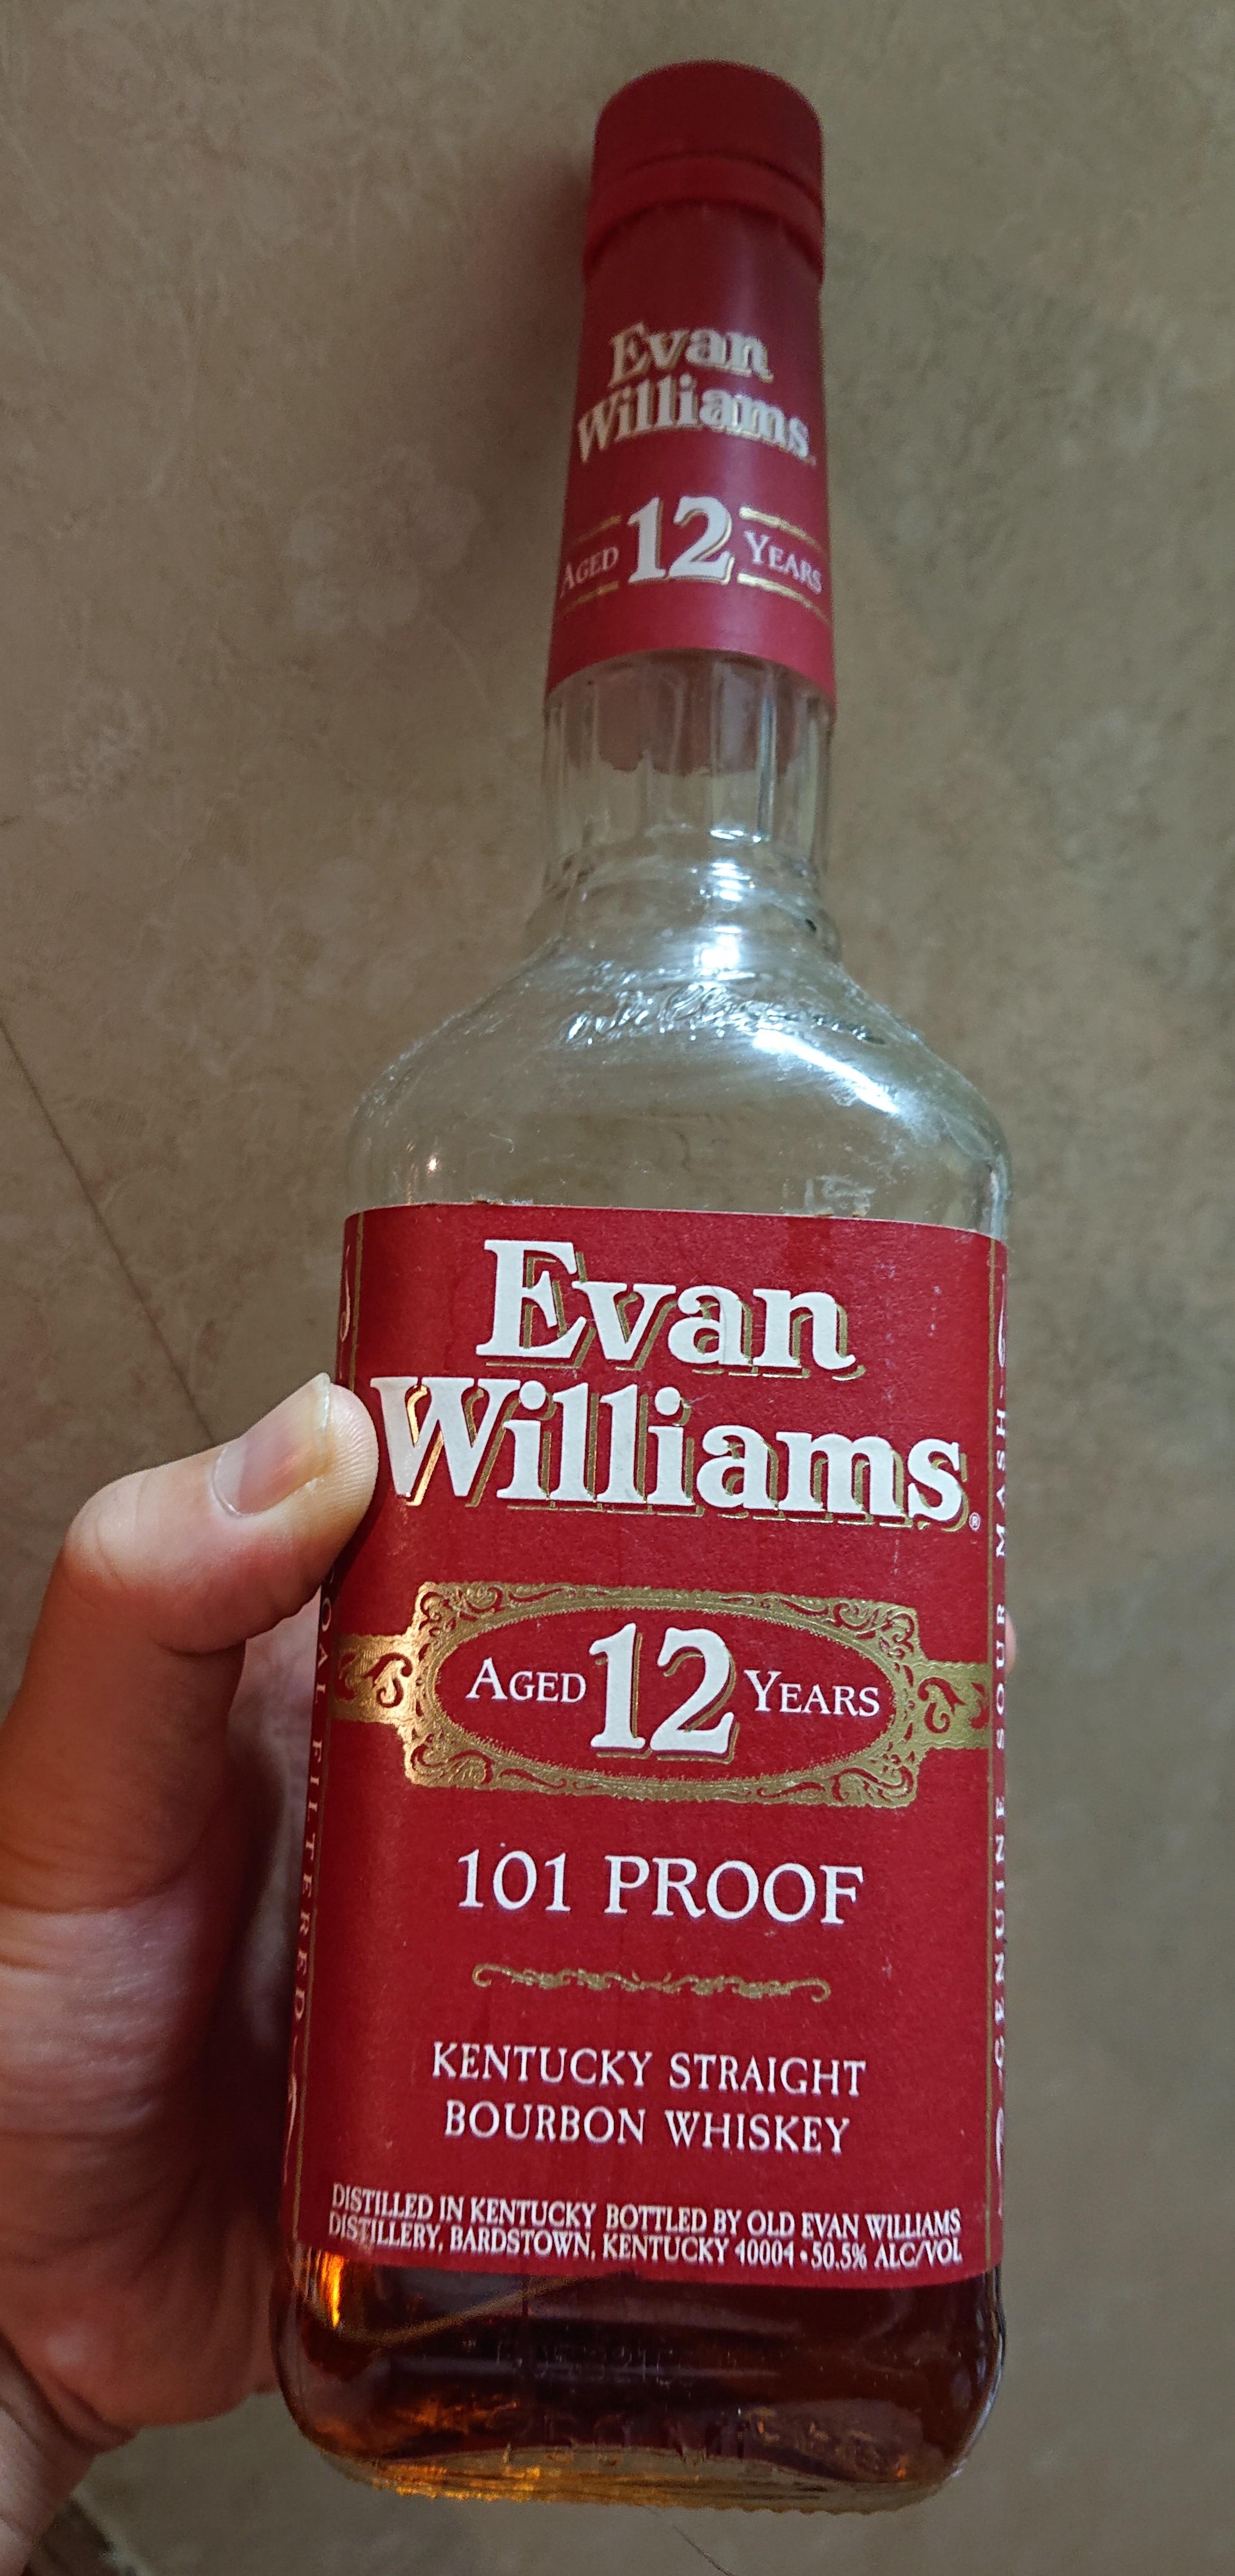 エヴァンウィリアムズ12年のテイスティング・まるでデザートのようなこってり上品な甘さ。ラグジュアリー感漂うハイレベルなバーボン